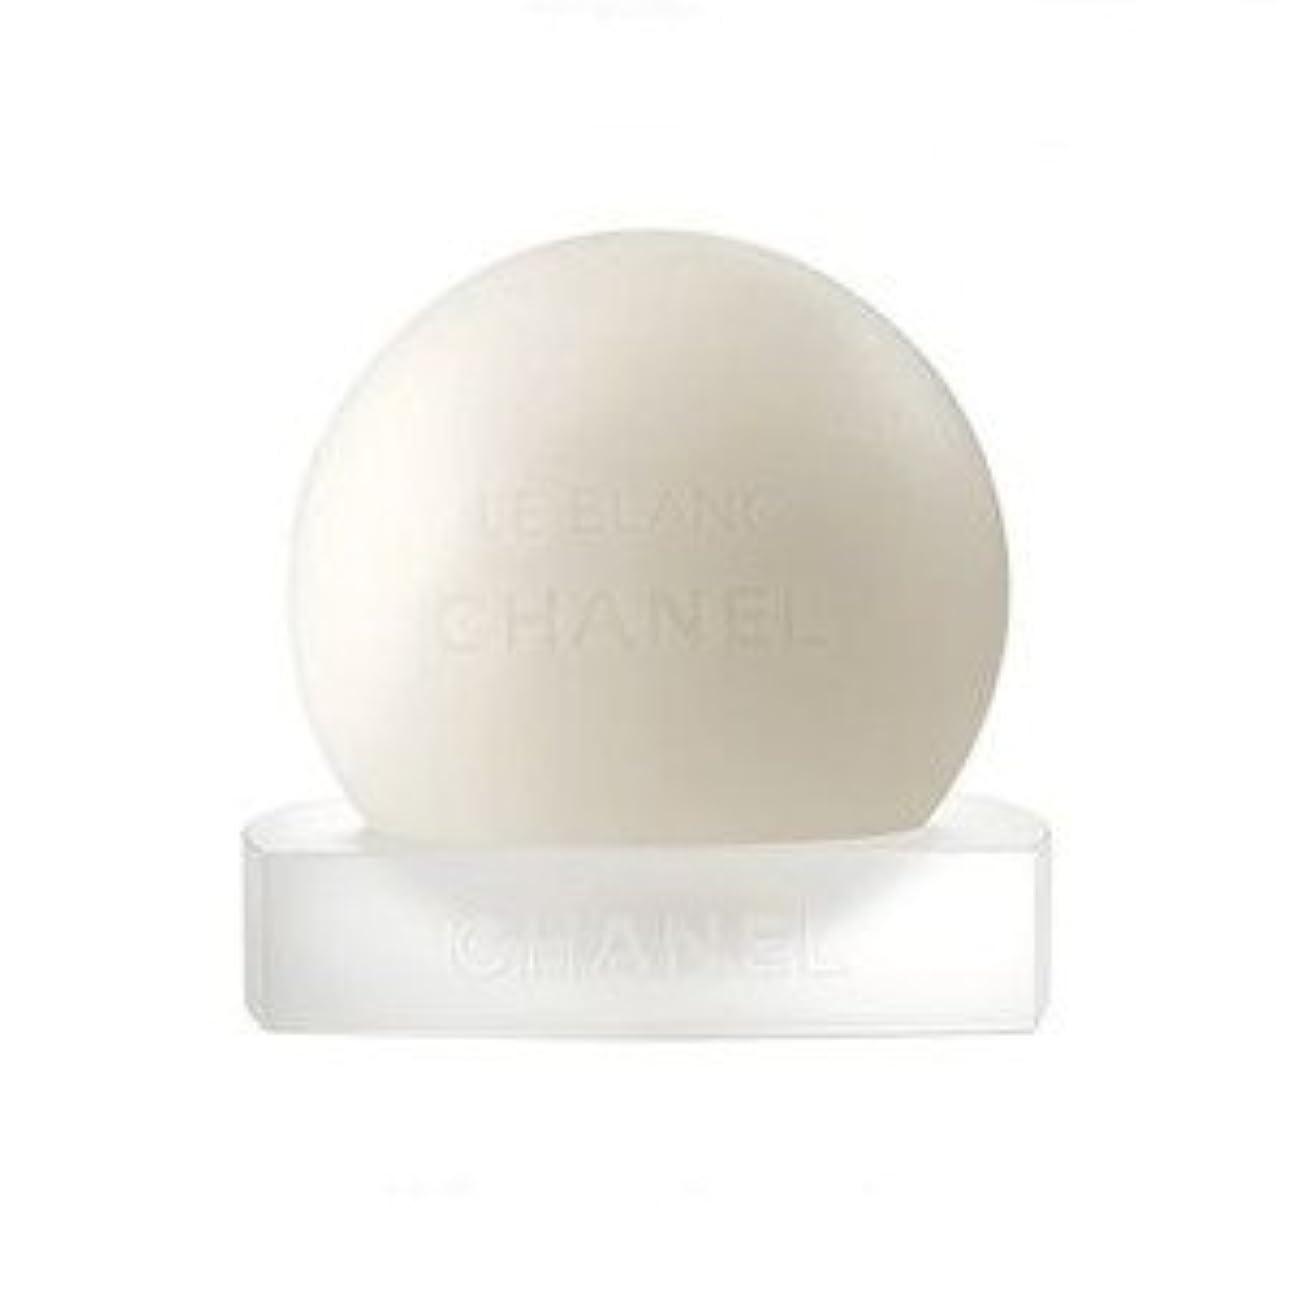 注入空いている通常シャネル ル ブラン ソープ 100g 洗顔石けん 限定品 アウトレット